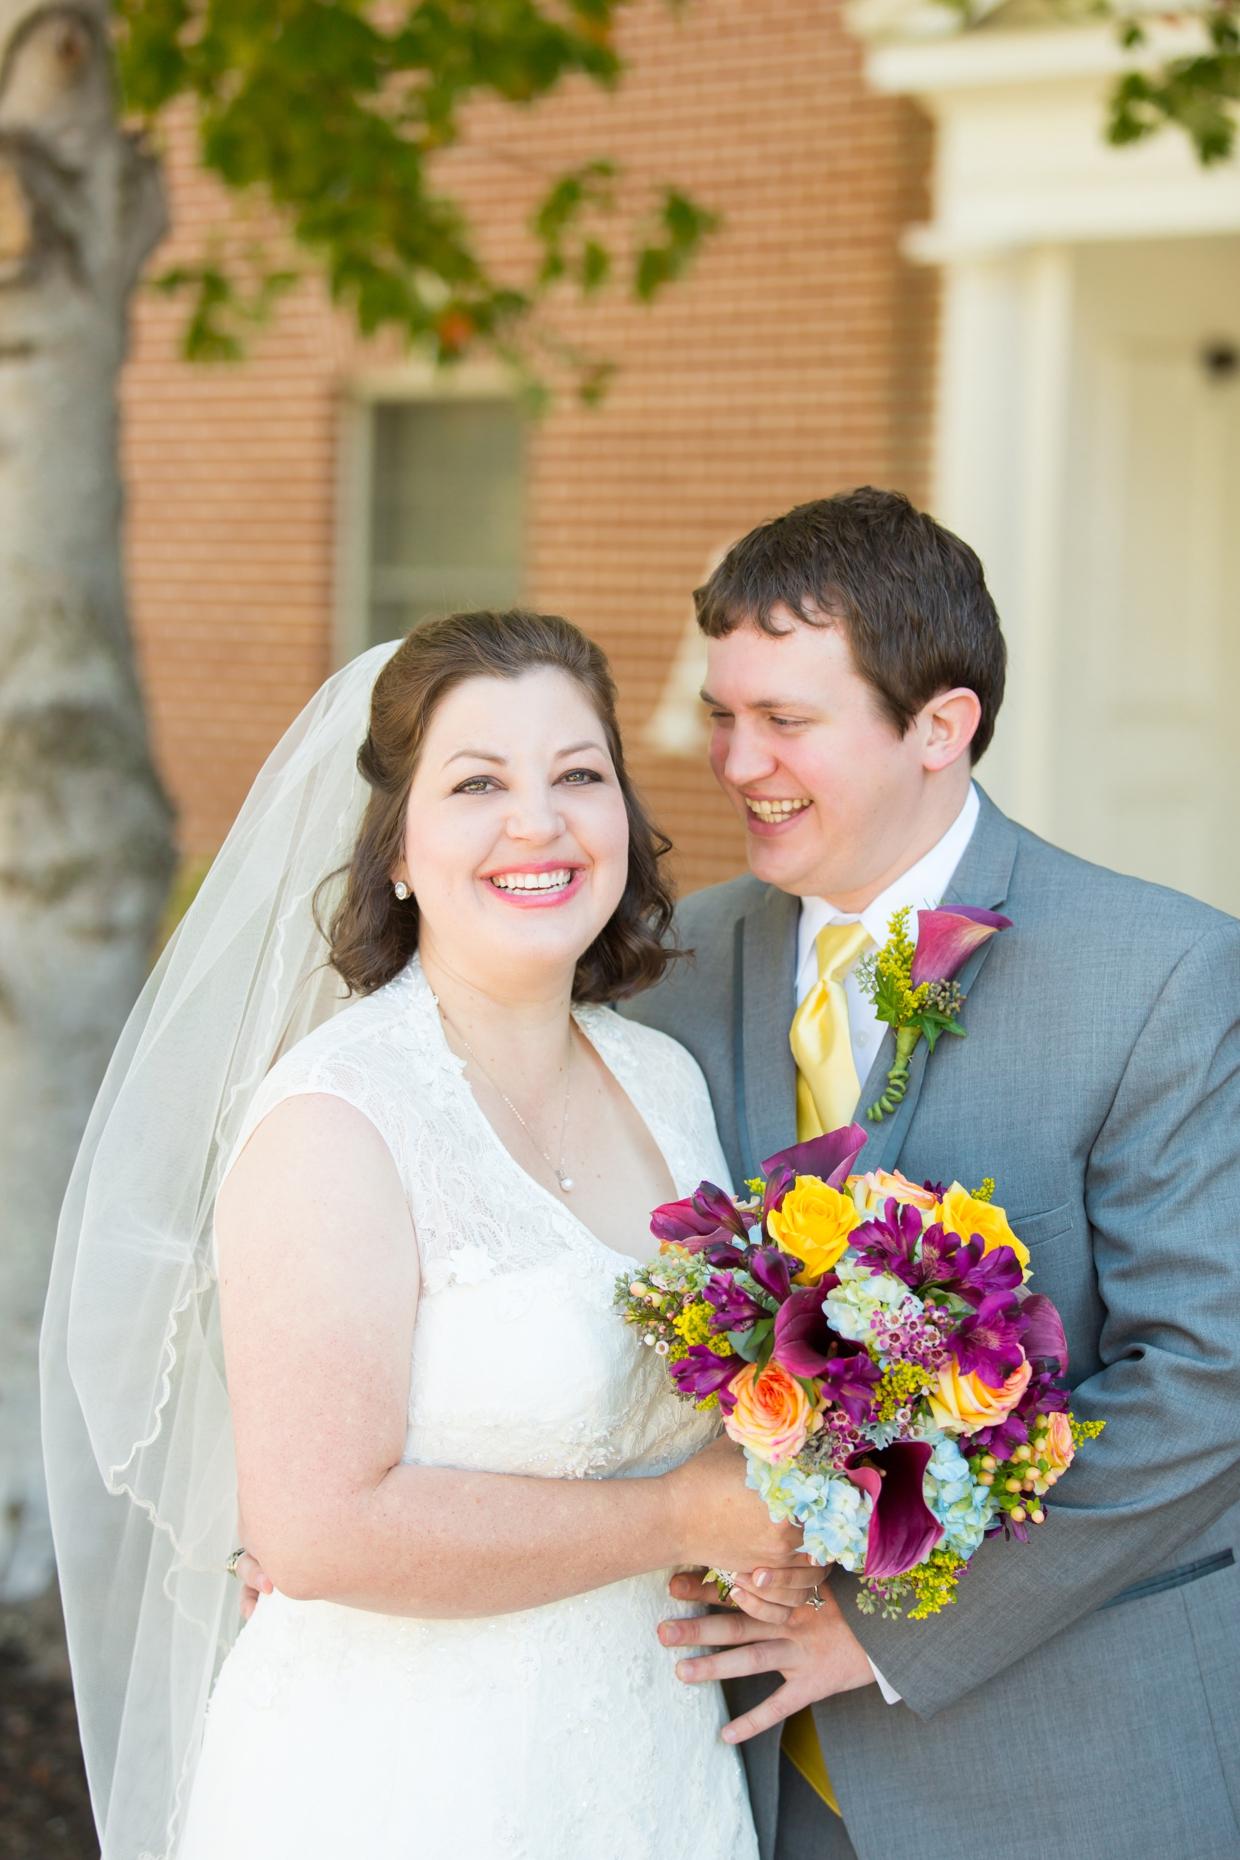 First-Baptist-Church-Powder-Springs-Wedding015.jpg